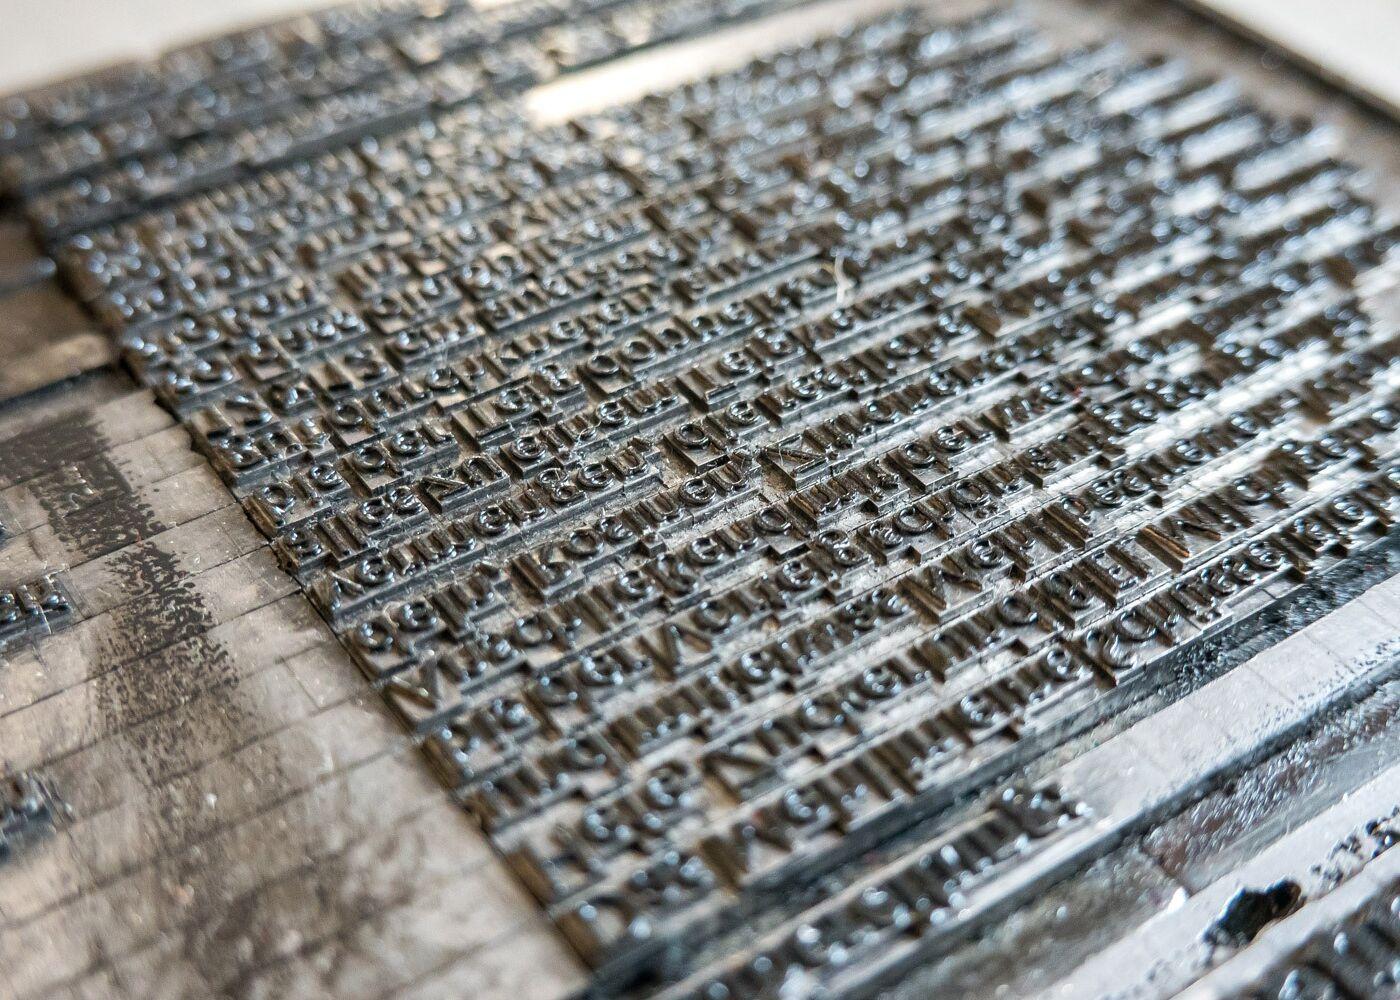 Kovinske črke visoki tisk tradicija vodnik za ustvarjalce in umetnike